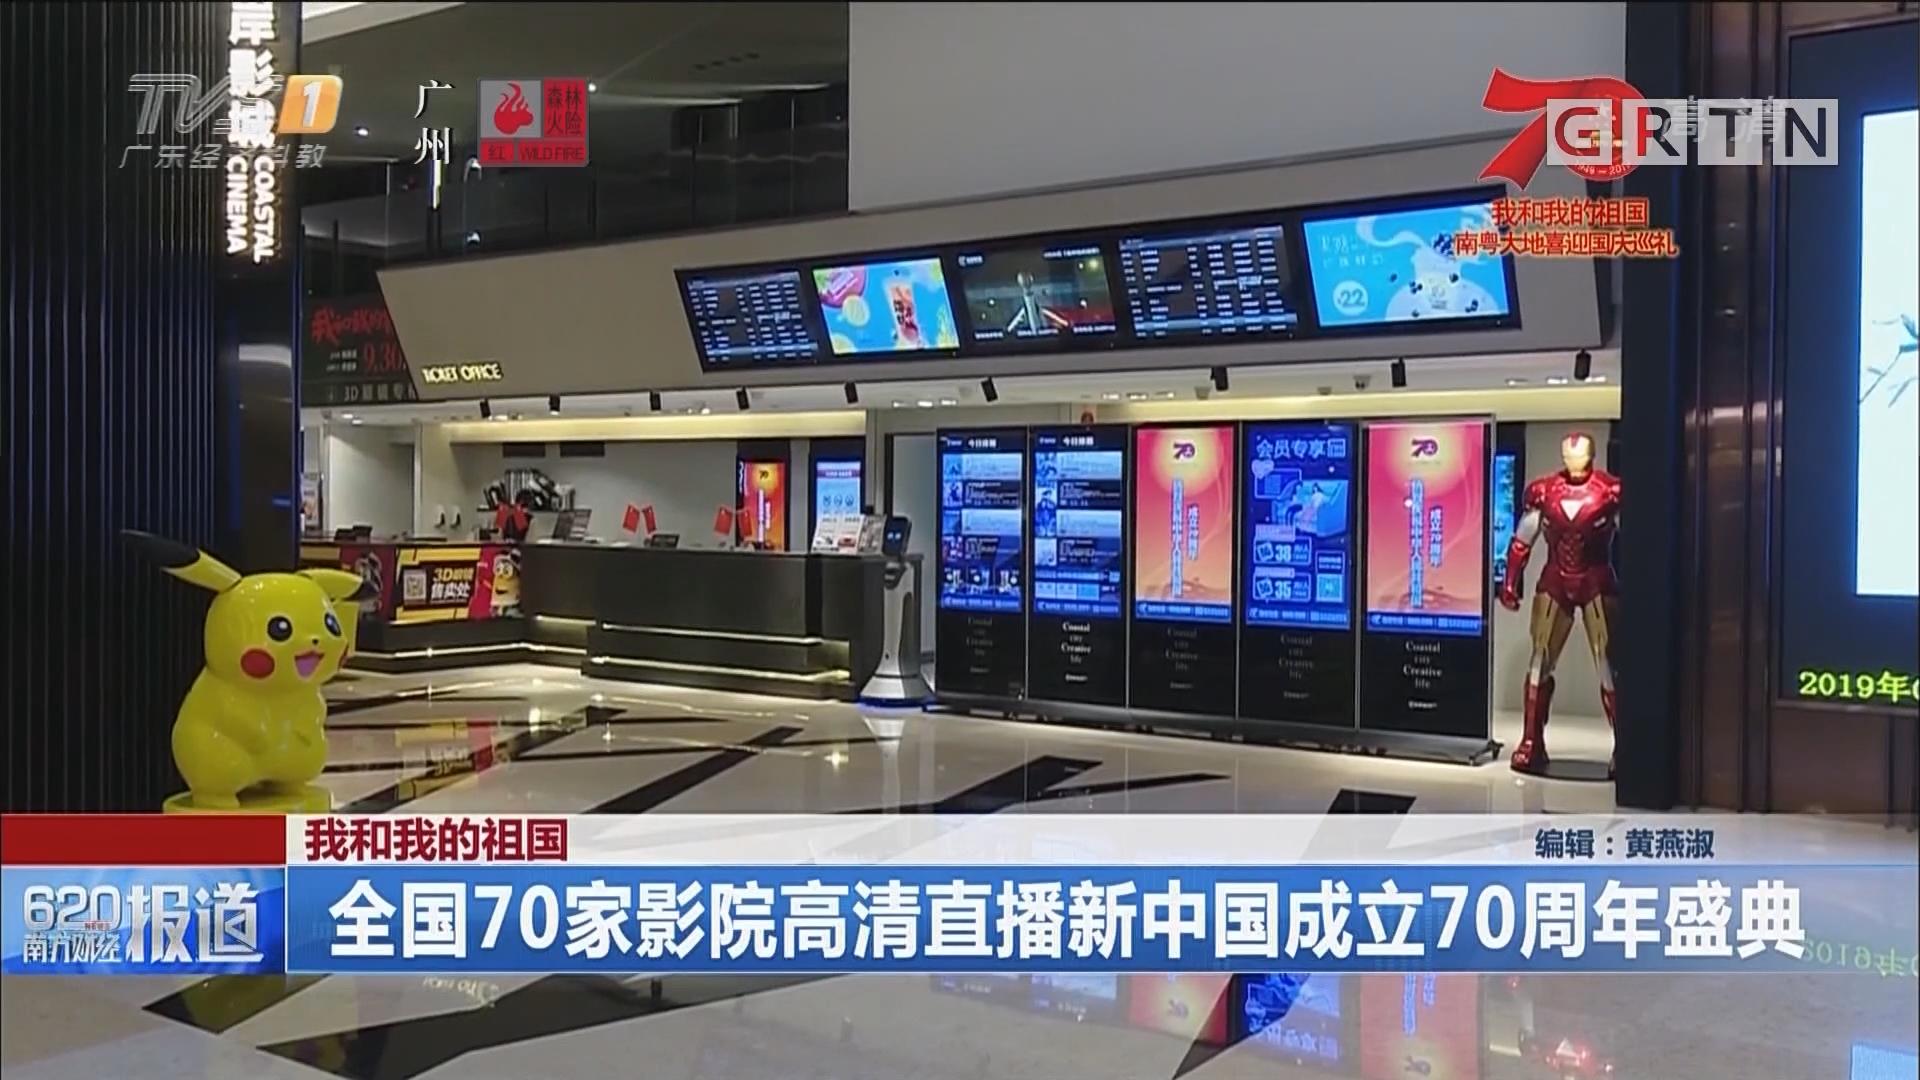 我和我的祖国:全国70家影院高清直播新中国成立70周年盛典